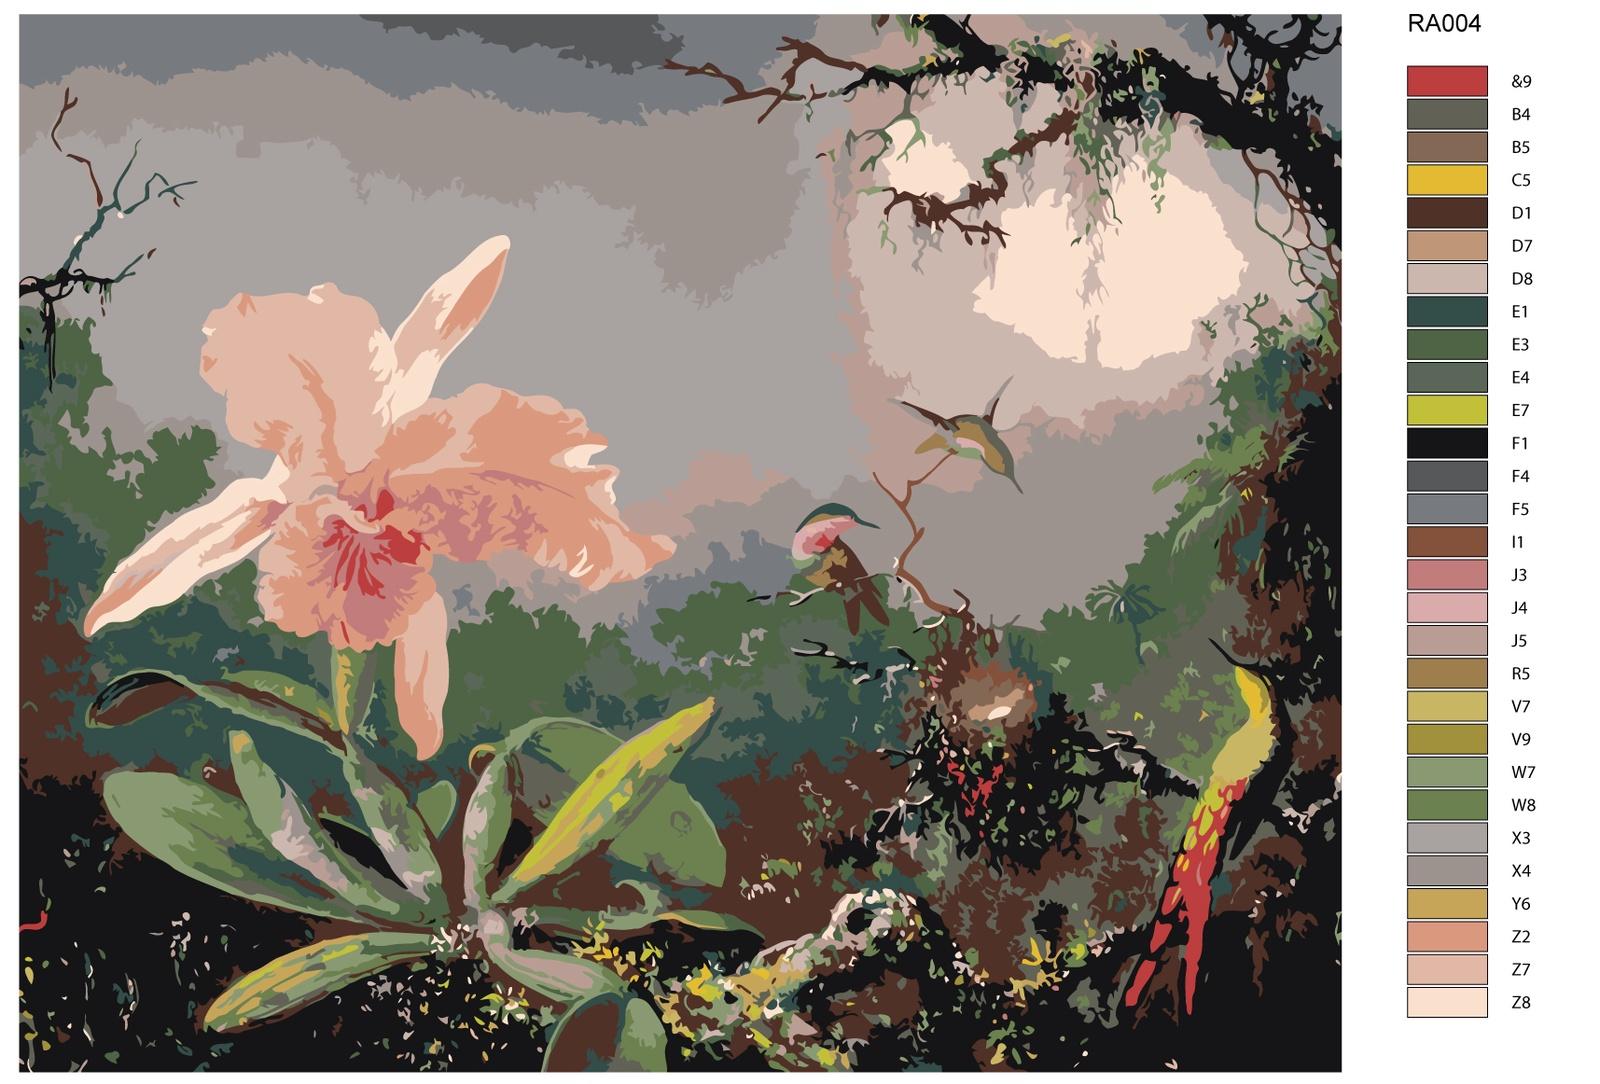 Картина по номерам, 80 x 100 см, RA004